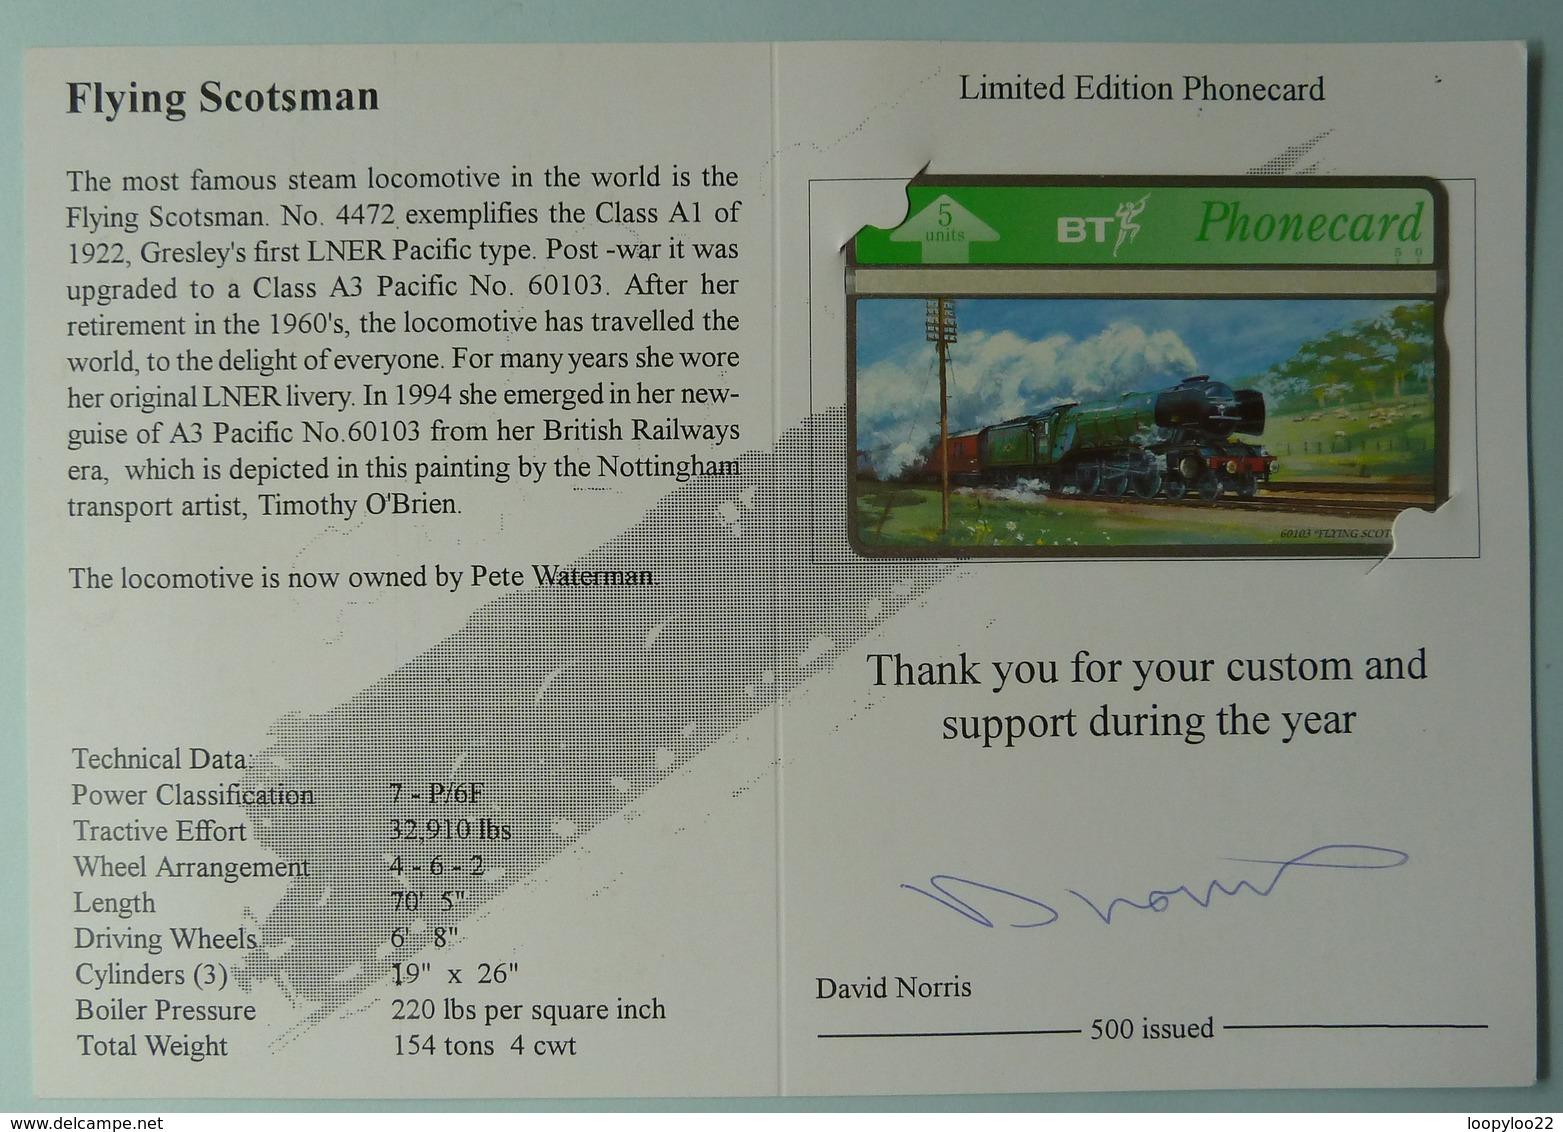 UK - BT - BTG446 - Flying Scotsman - DHN Phonecards - Limited Edition 500ex - Mint In Folder - BT Edición General